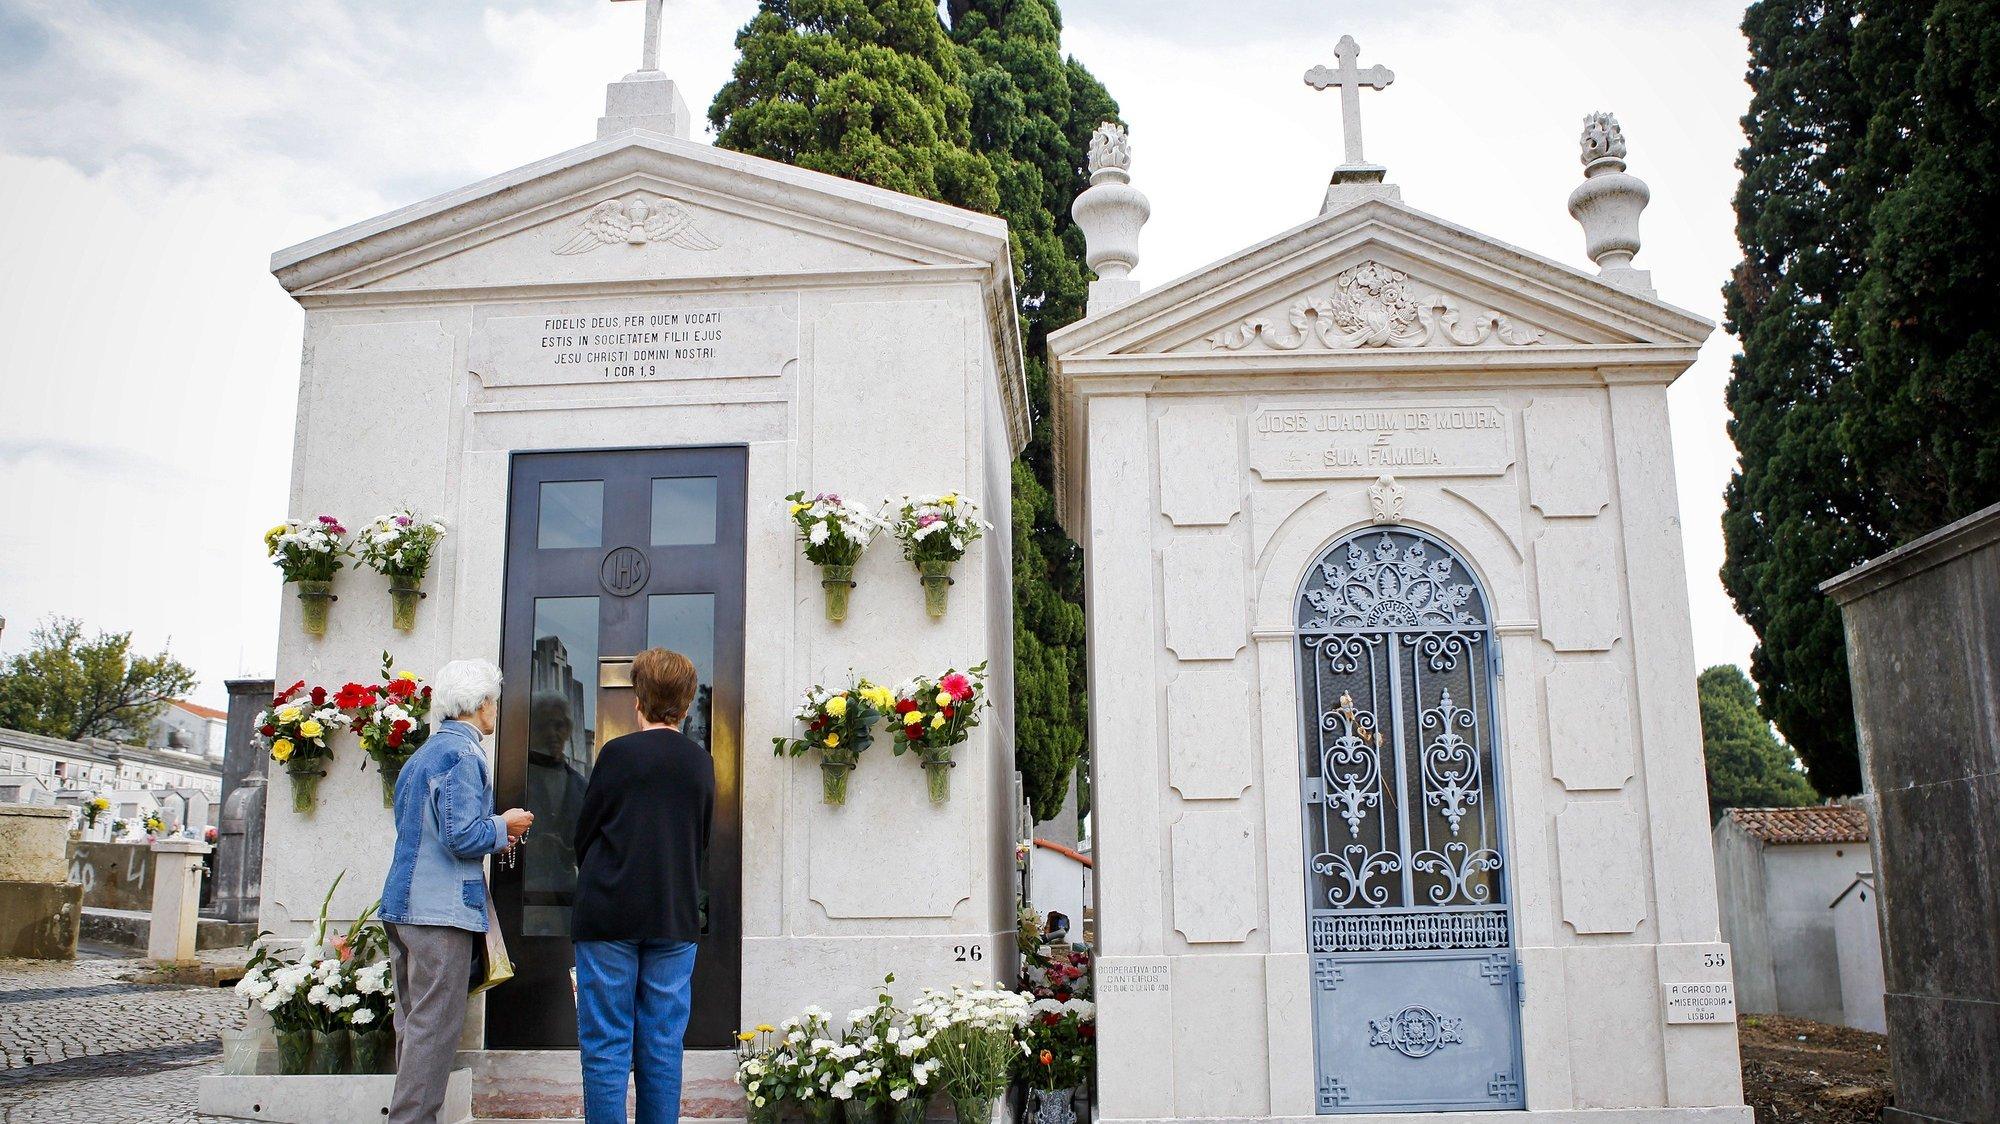 Duas senhoras rezam junto ao túmulo do Padre Cruz no cemitério de Benfica, esta manhã, em Lisboa, 31 outubro 2011. (ACOMPANHA TEXTO) JOSÉ SENA GOULÃO/LUSA